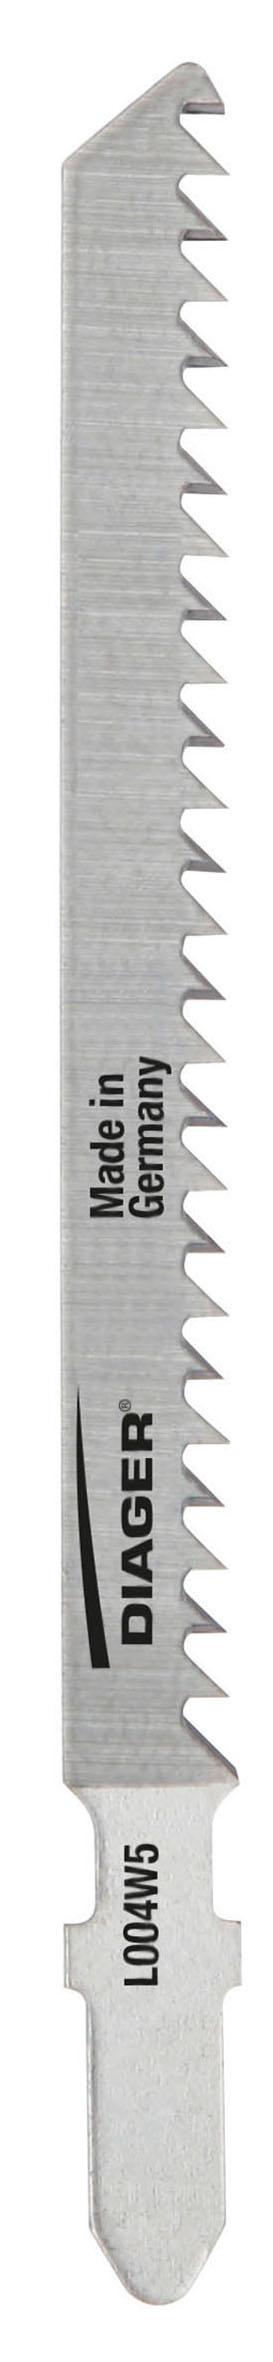 Sciage Bois et plastique 8-40 mm Lame de scie sauteuse bi-métal, durée de vie supérieure - L004W.jpg